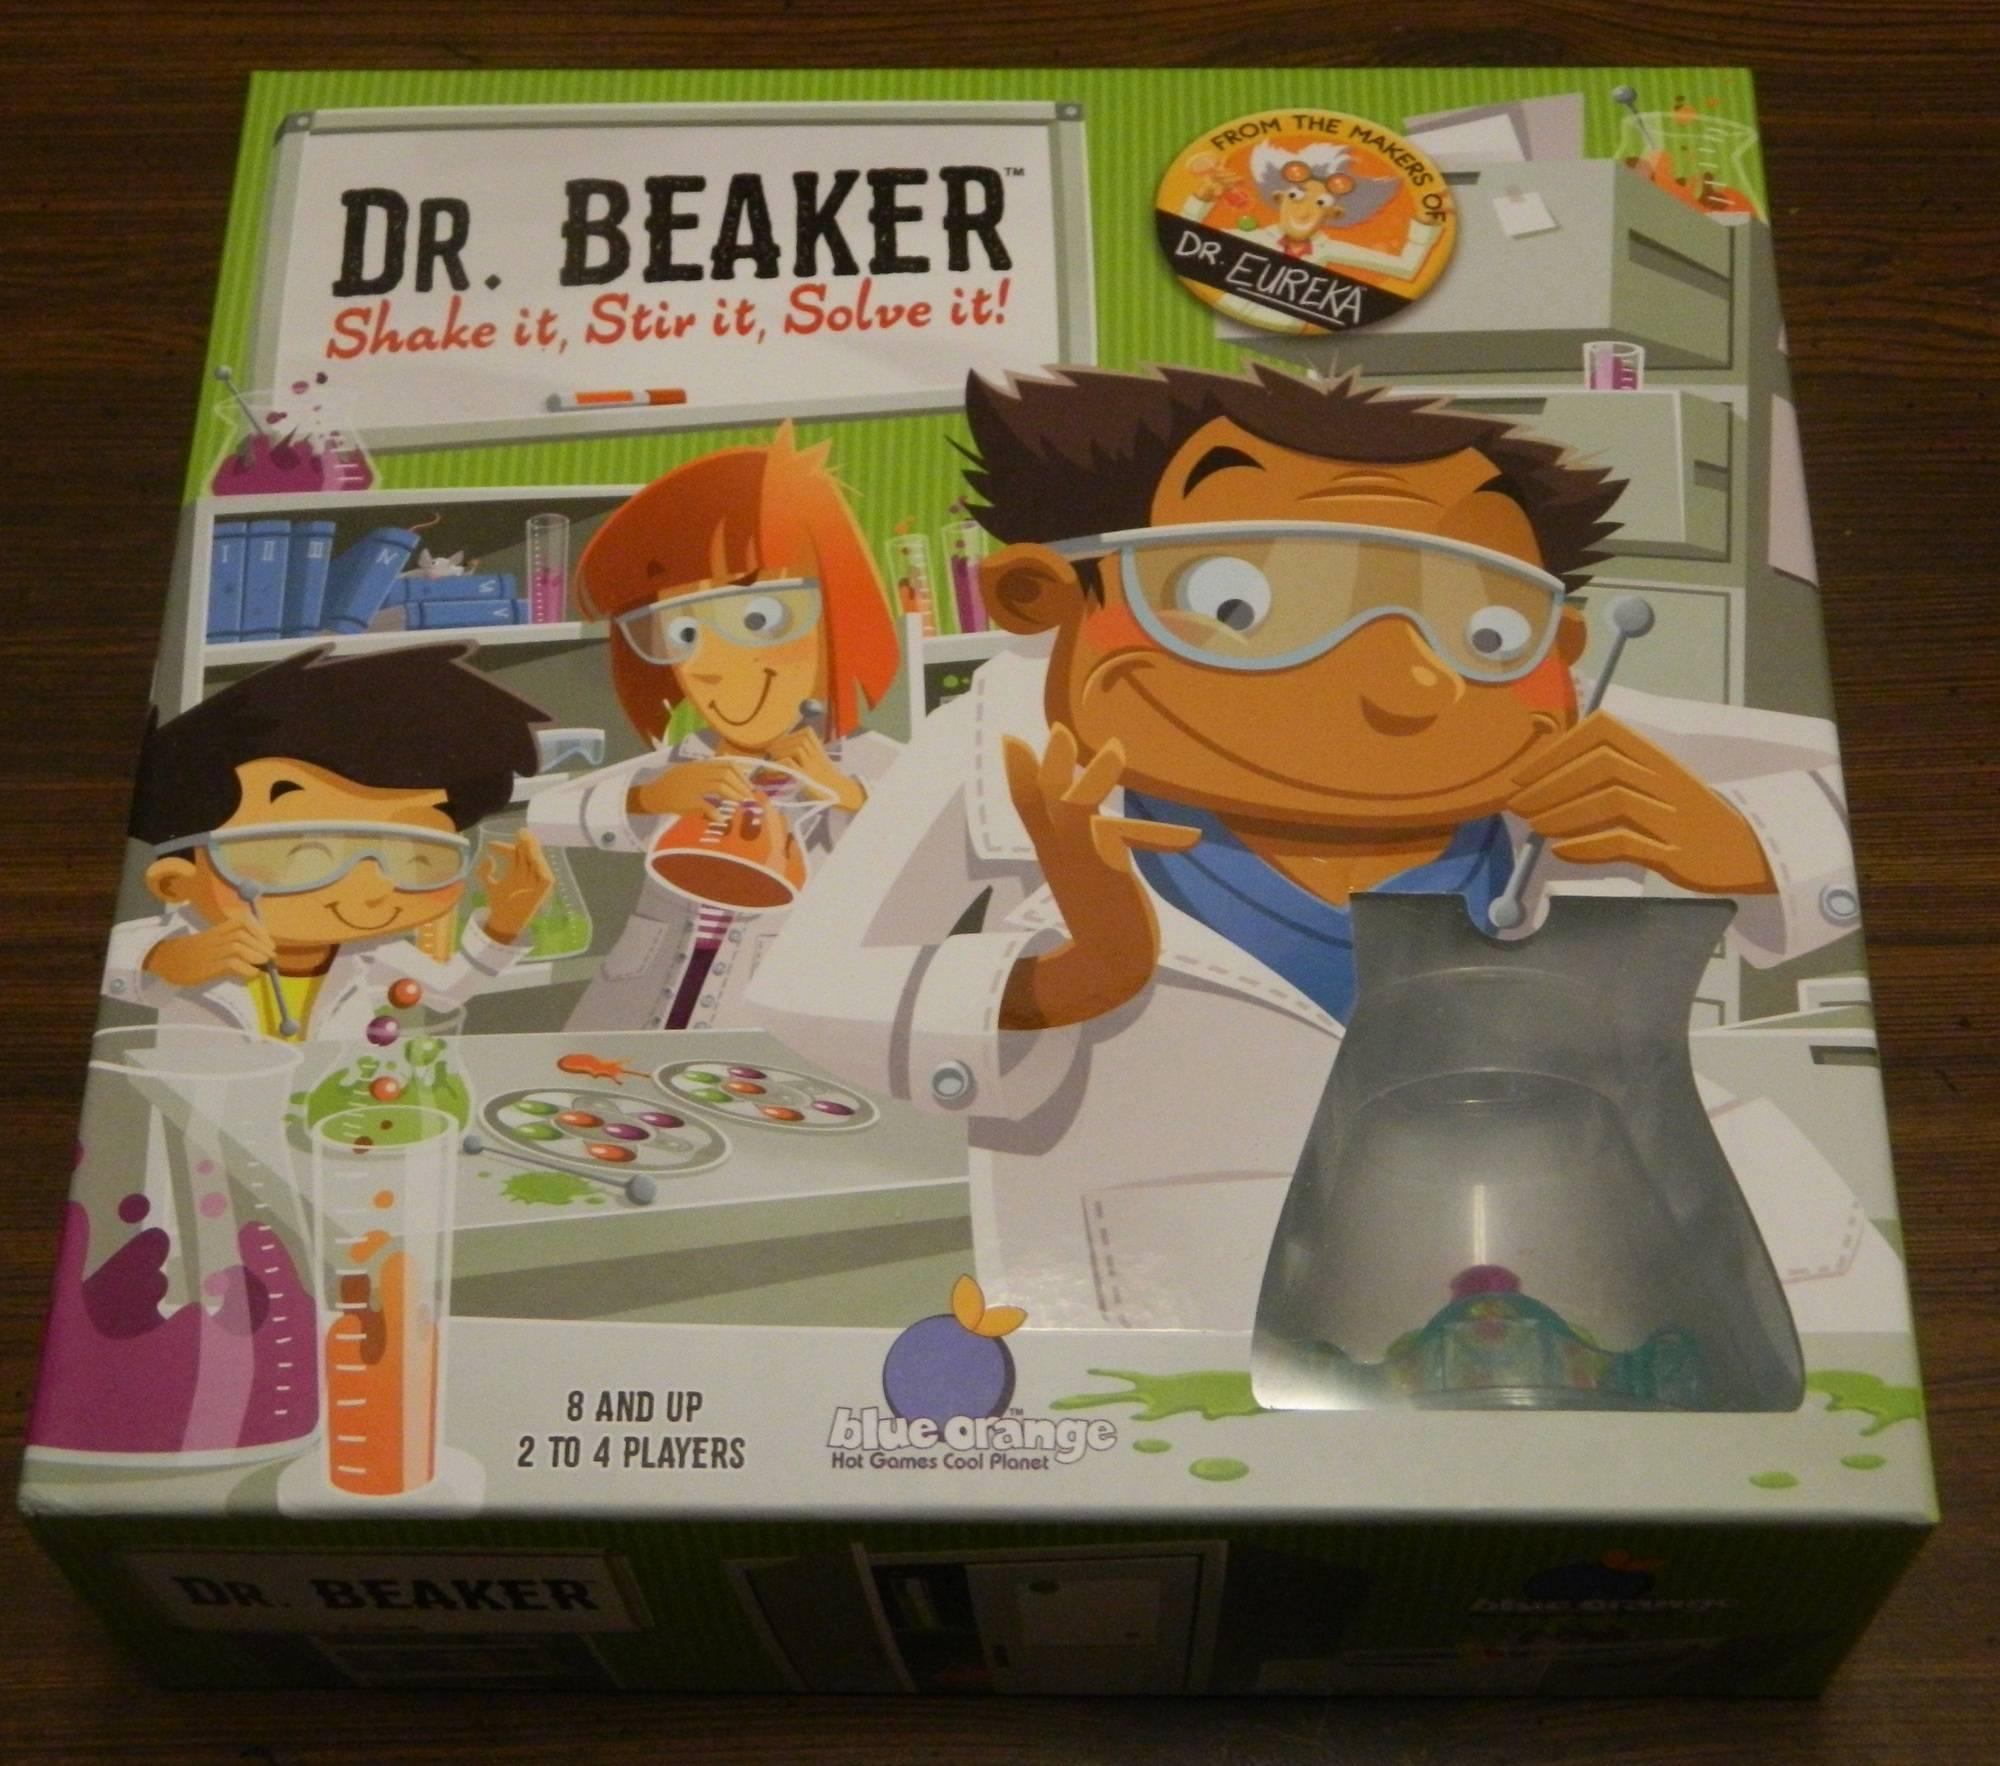 Box for Dr. Beaker